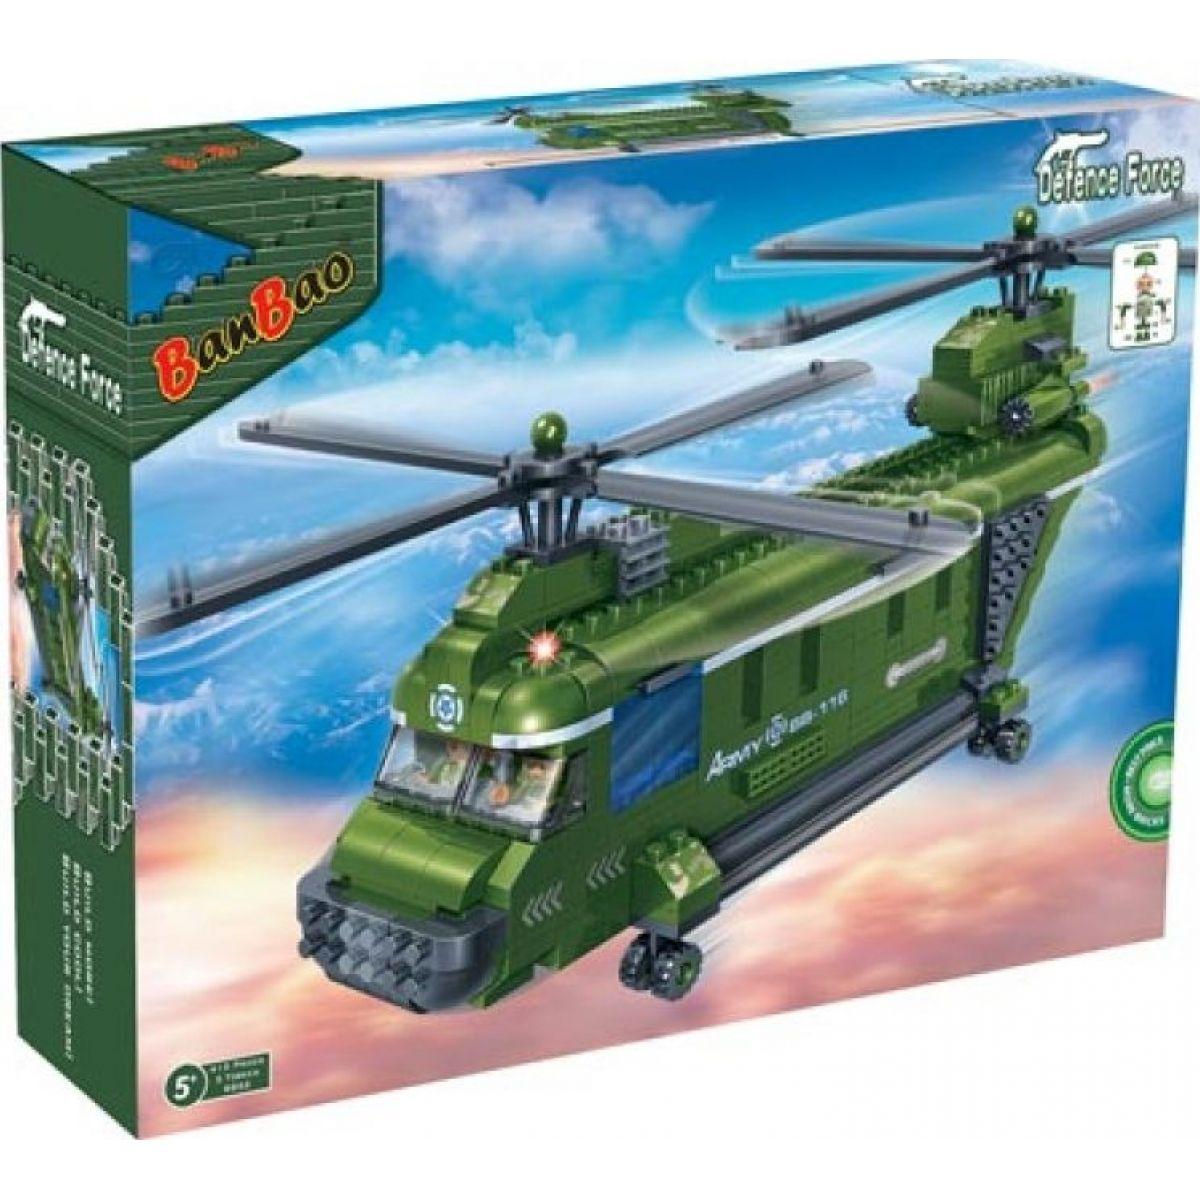 Mikro Trading Stavebnica BanBao Armáda 8852 Vojenský vrtulník